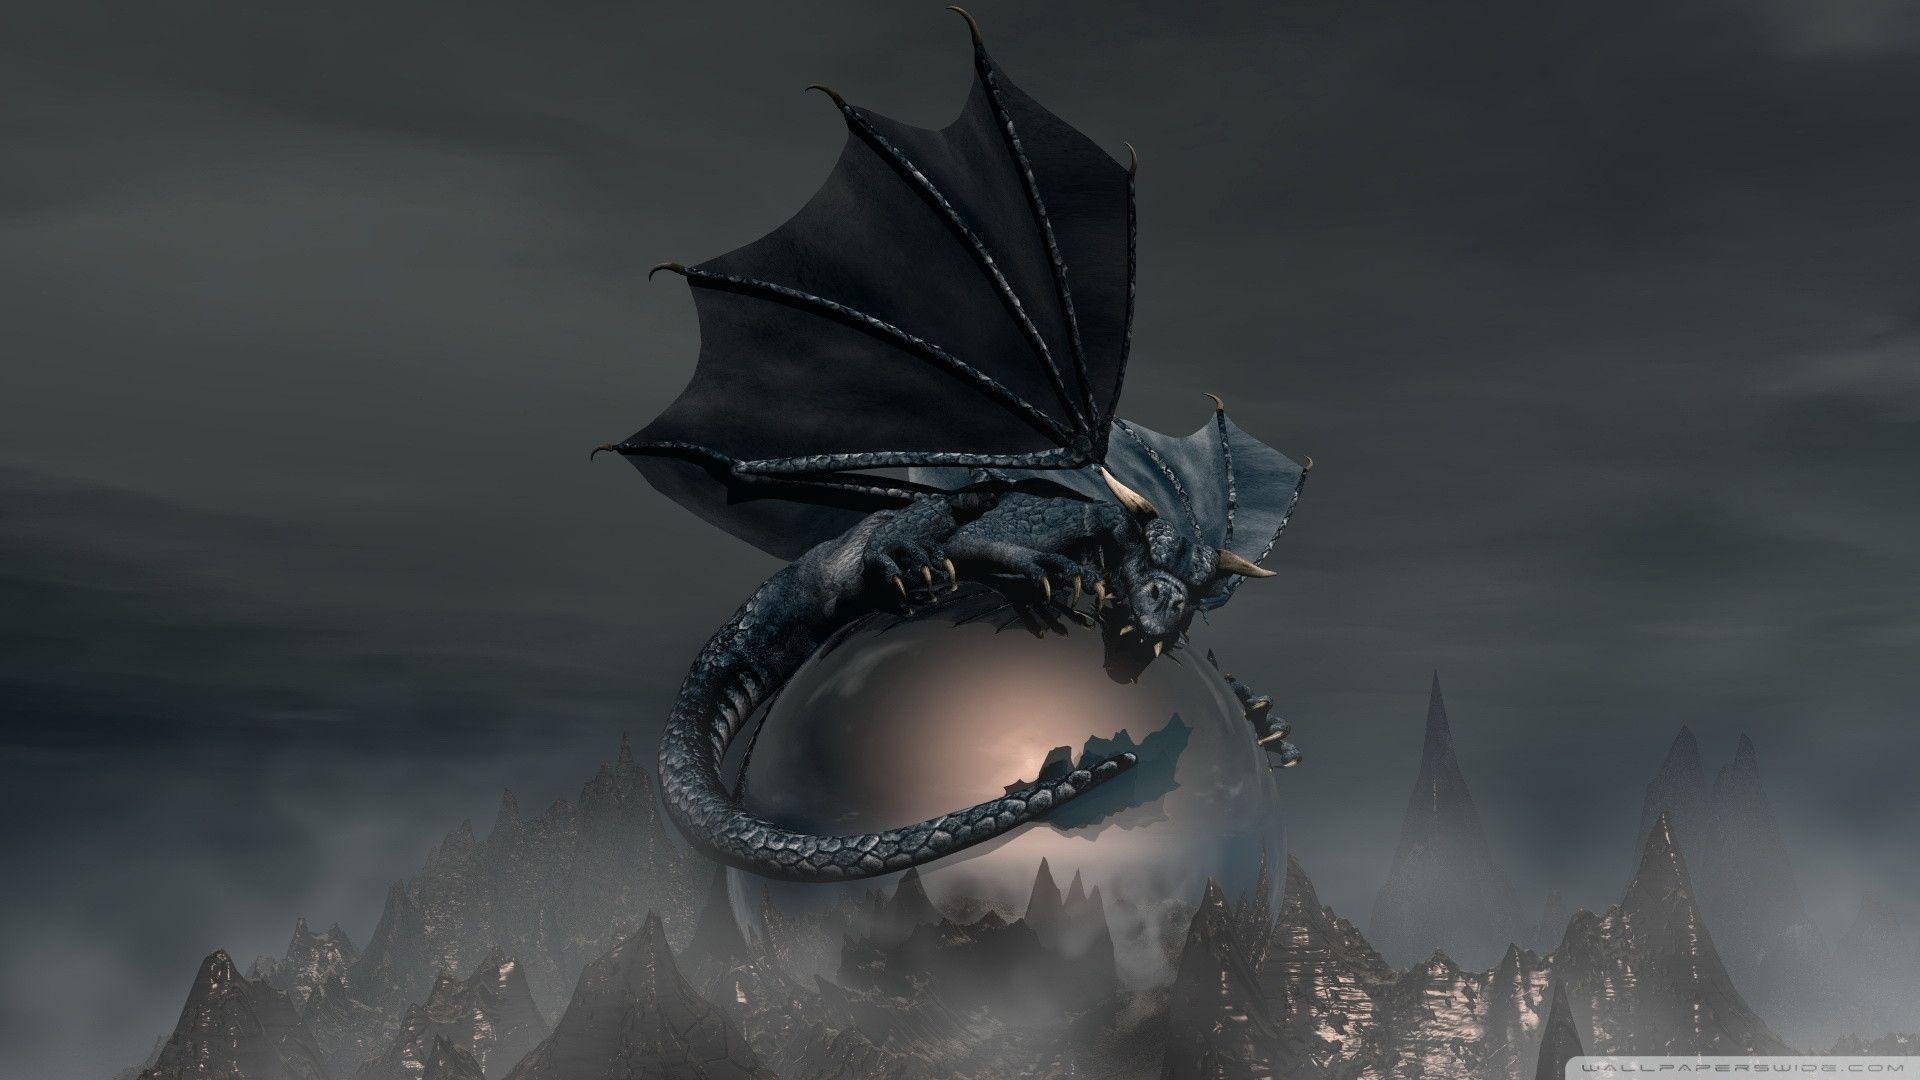 Dungeons and Dragons Wallpaper – WallpaperSafari